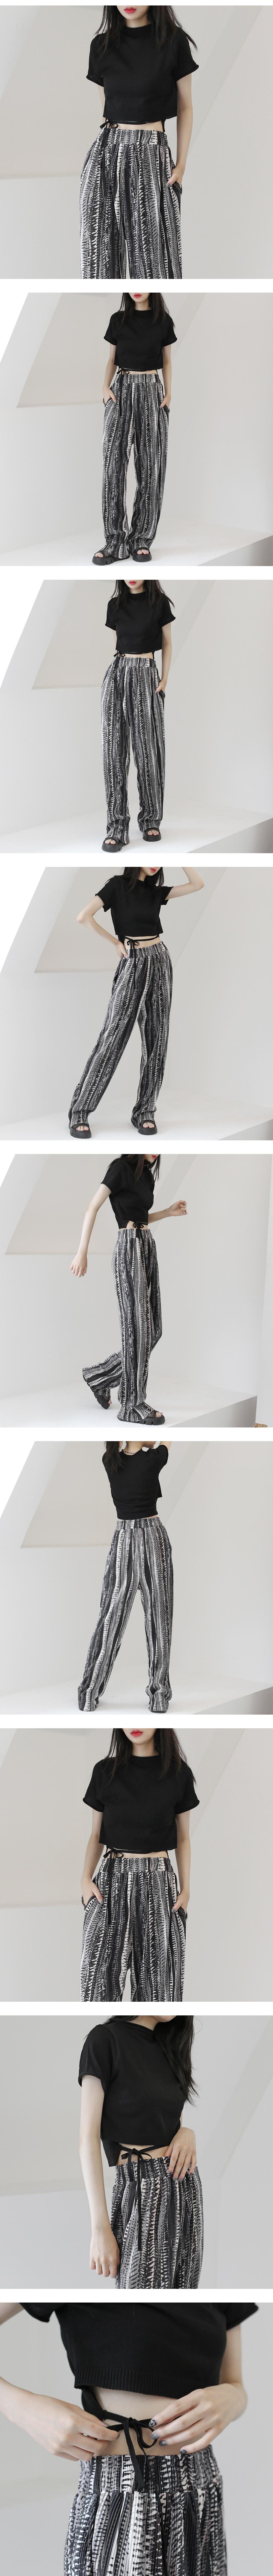 Handel Strap Short Sleeve Knitwear